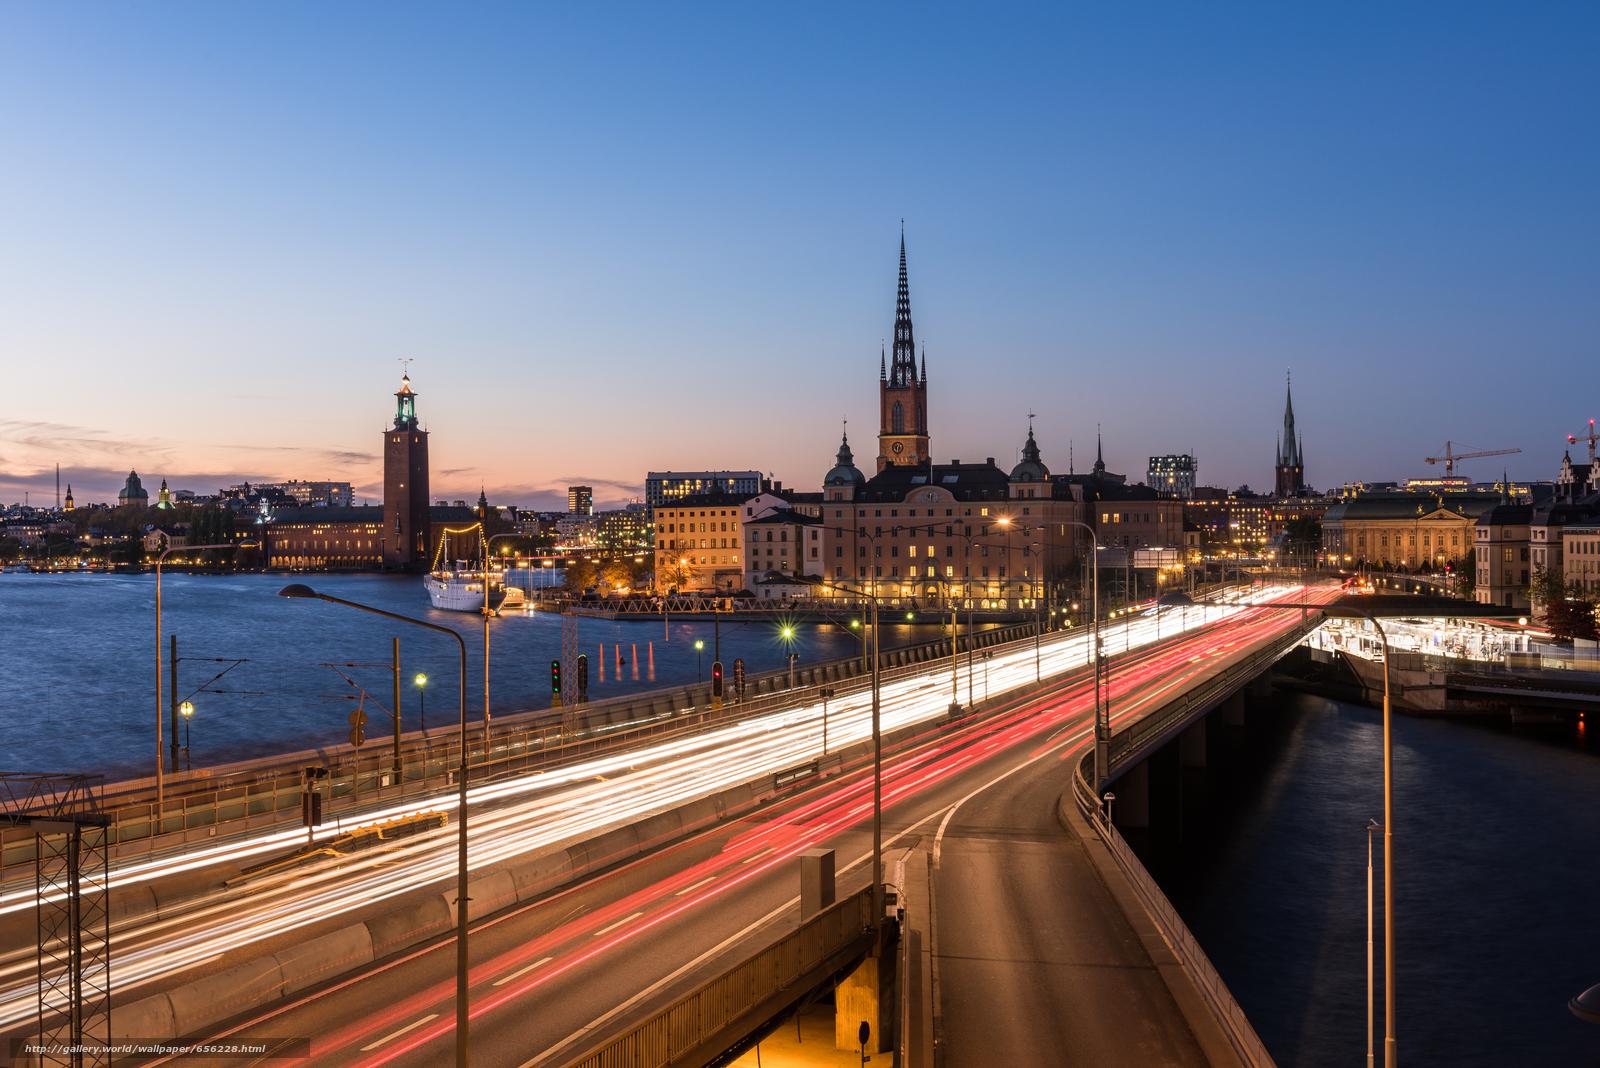 pobra tapety Sztokholm,  Szwecja,  miasto,  noc Darmowe tapety na pulpit rozdzielczoci 7360x4912 — zdjcie №656228